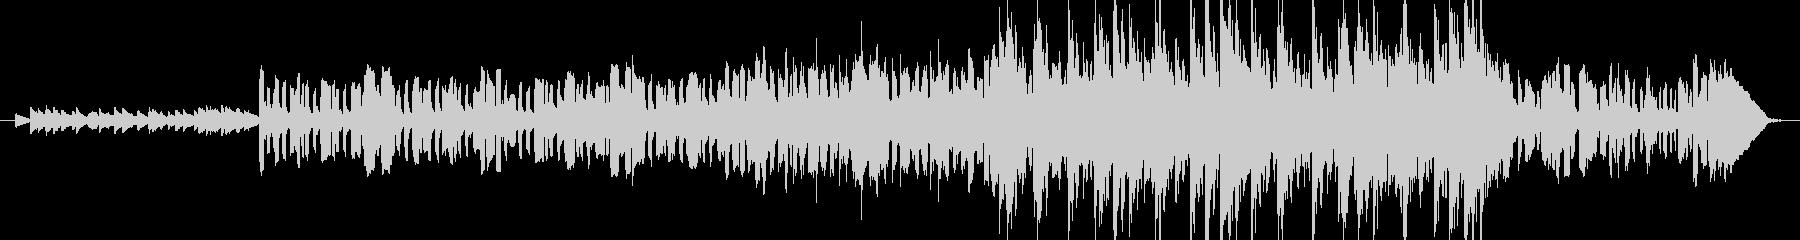 ケルト風のイントロミュージックの未再生の波形